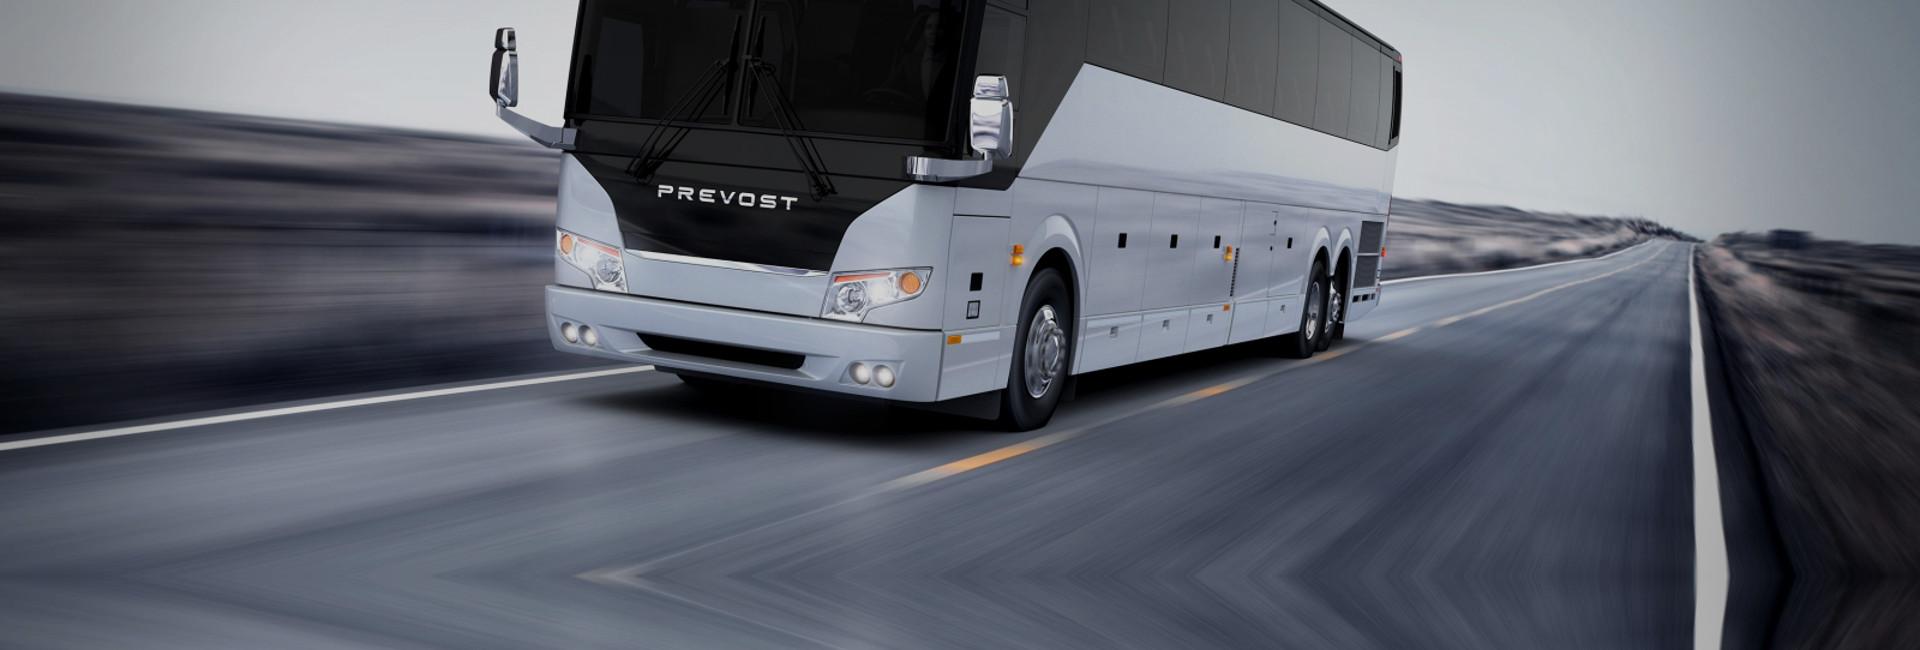 prevost-56-passenger-bus-toronto